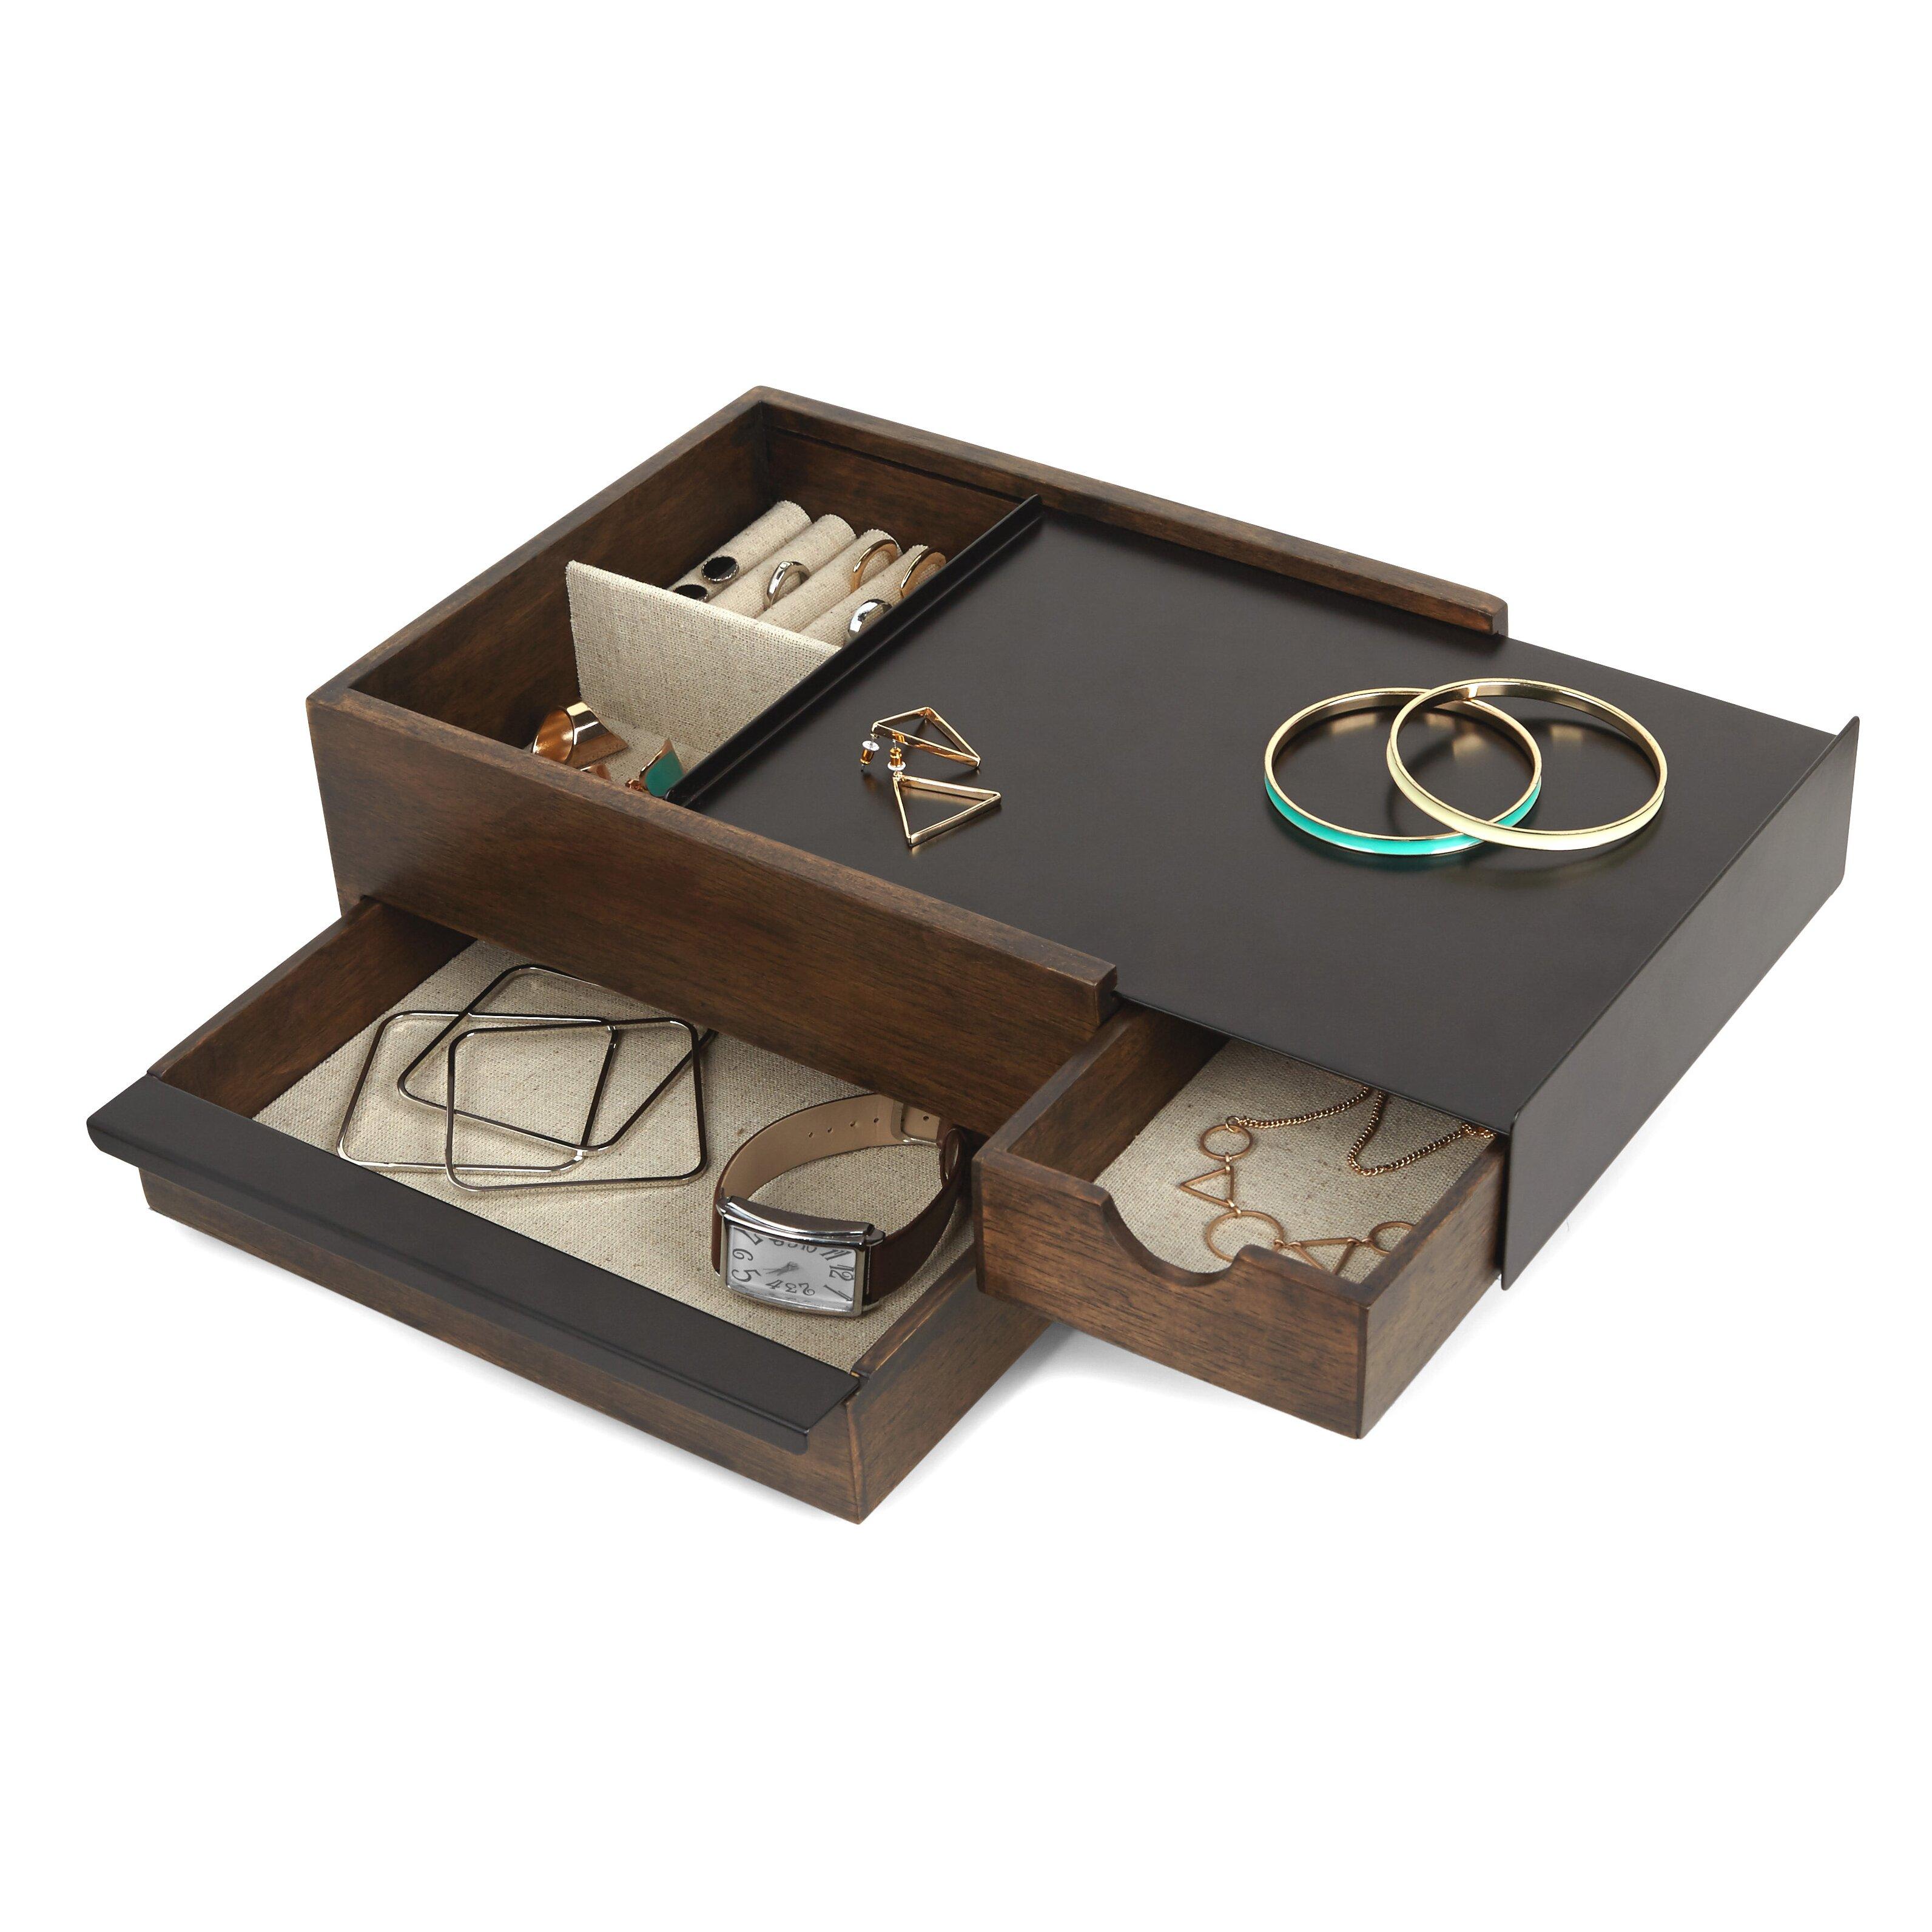 Umbra stowit jewelry box wayfair for Terrace jewelry organizer by umbra